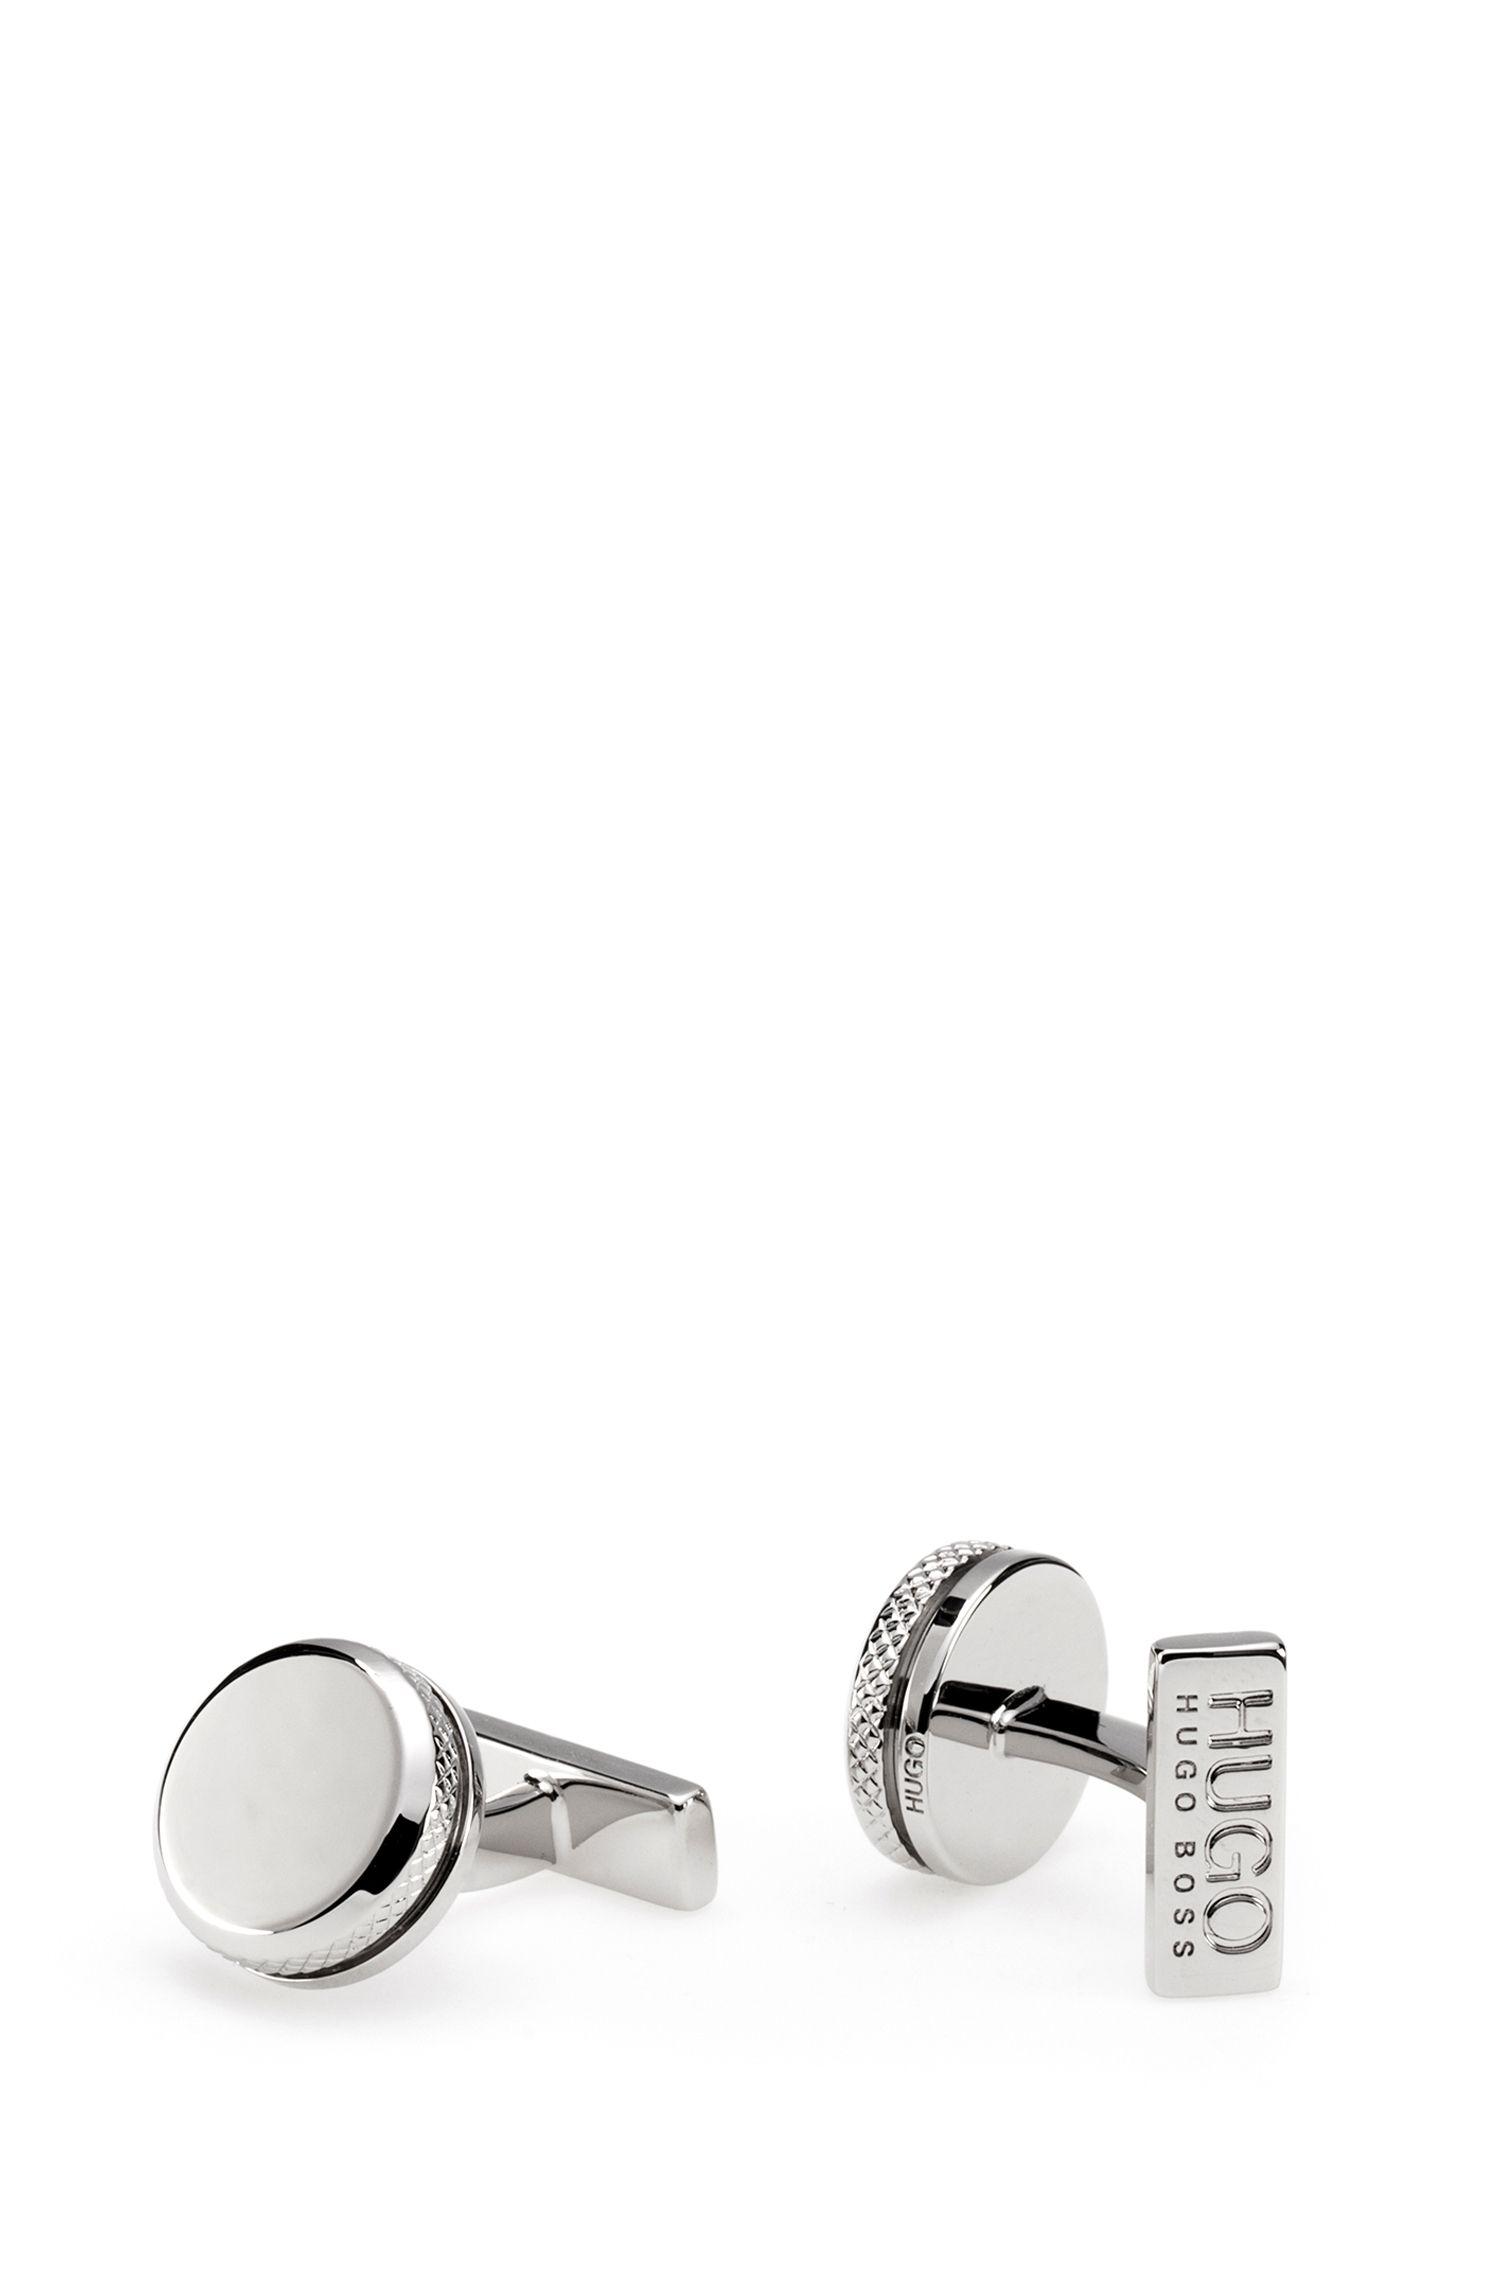 Runde Manschettenknöpfe aus Messing in Silber-Optik mit graviertem Rand, Silber